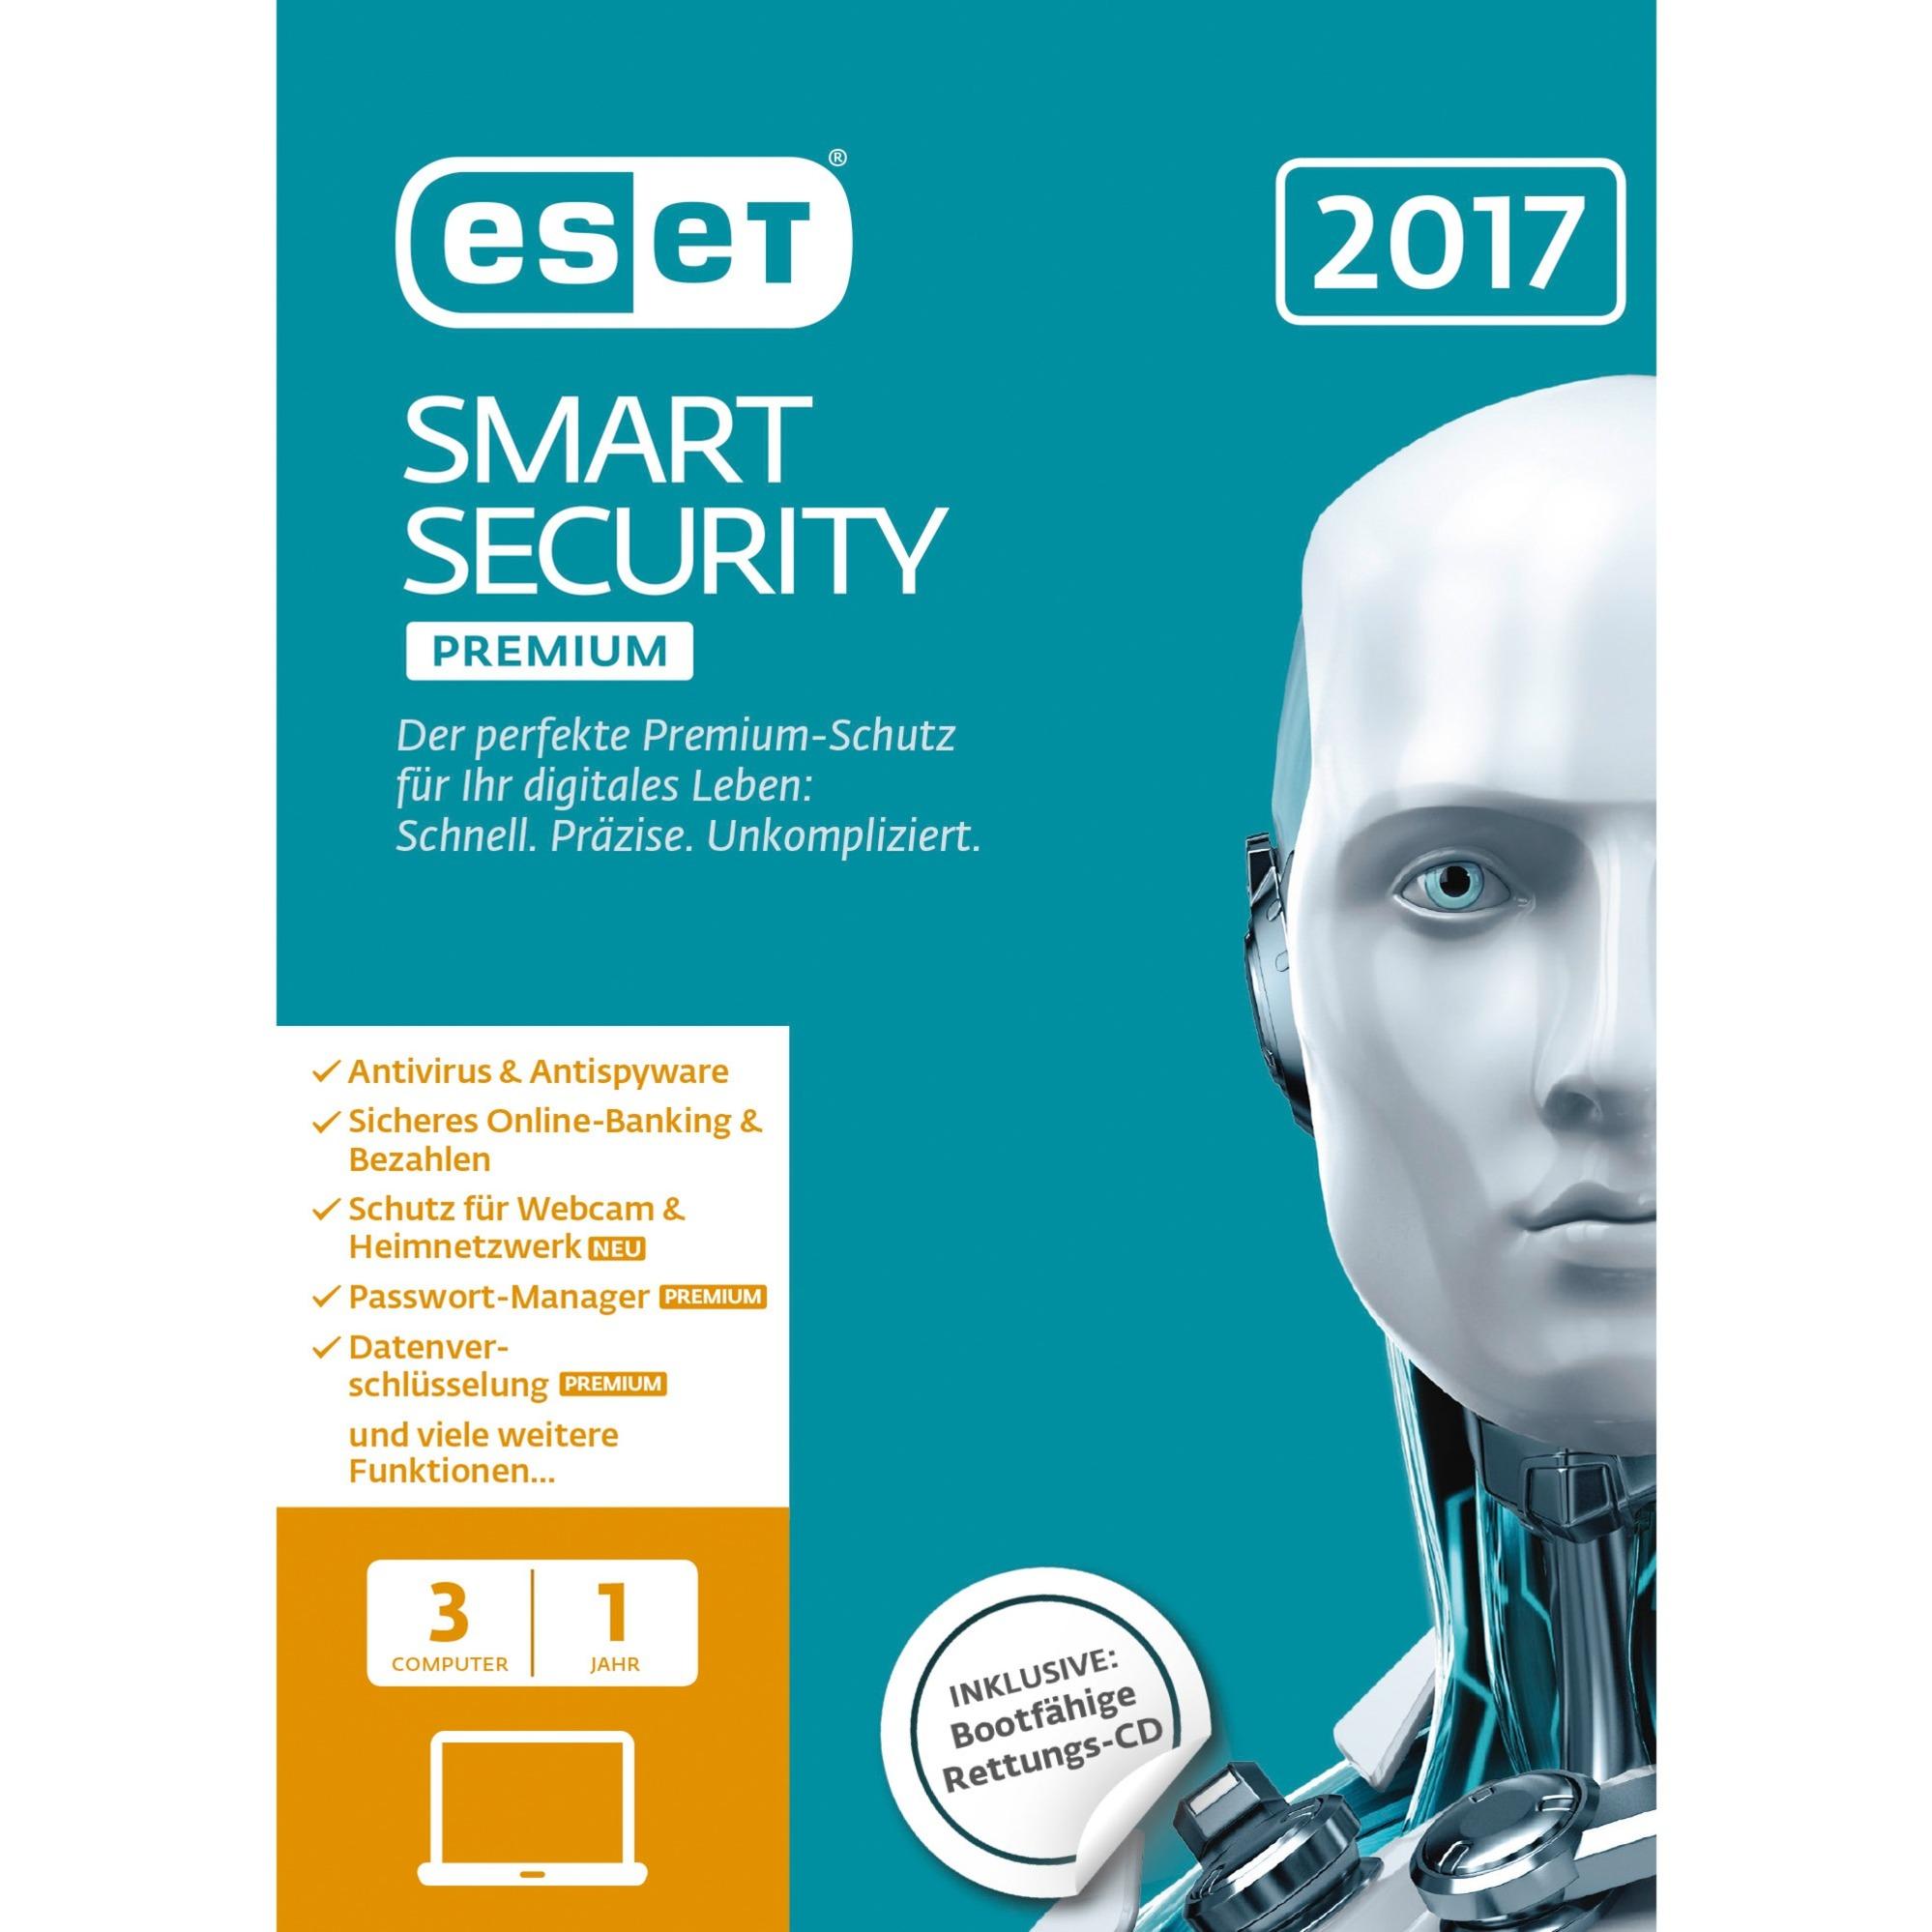 Eset Smart Security Premium 10 O >> Eset smart security 9 1 anno 3 | Prezzo e Offerte Sottocosto